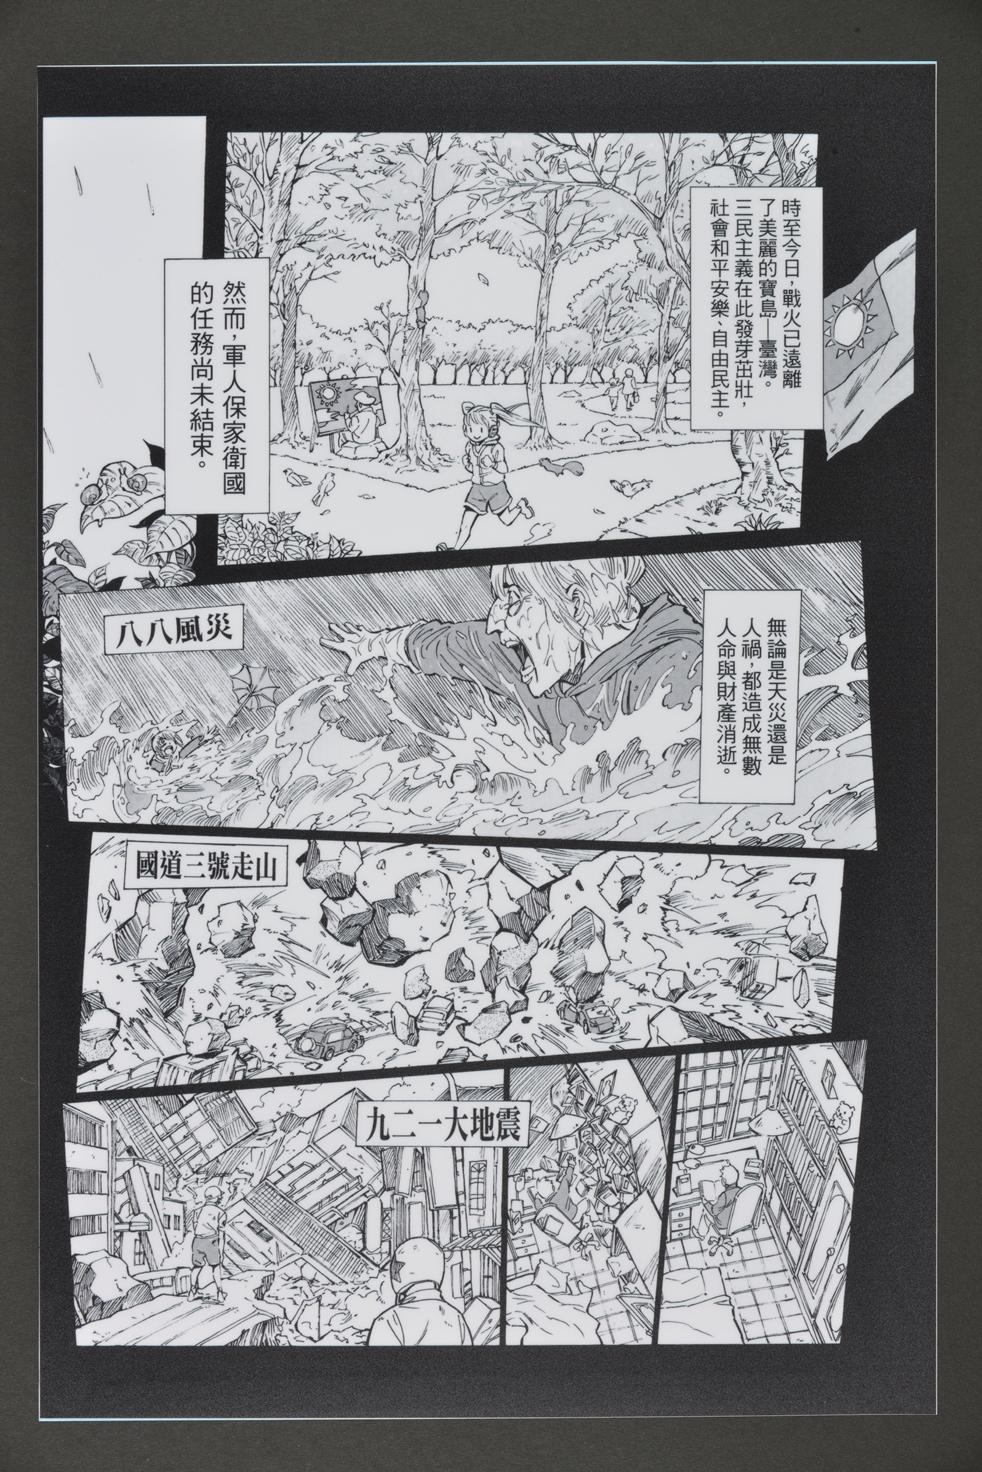 49屆漫畫類銀像獎_TheSoul英勇的國魂4_吳宇.jpg